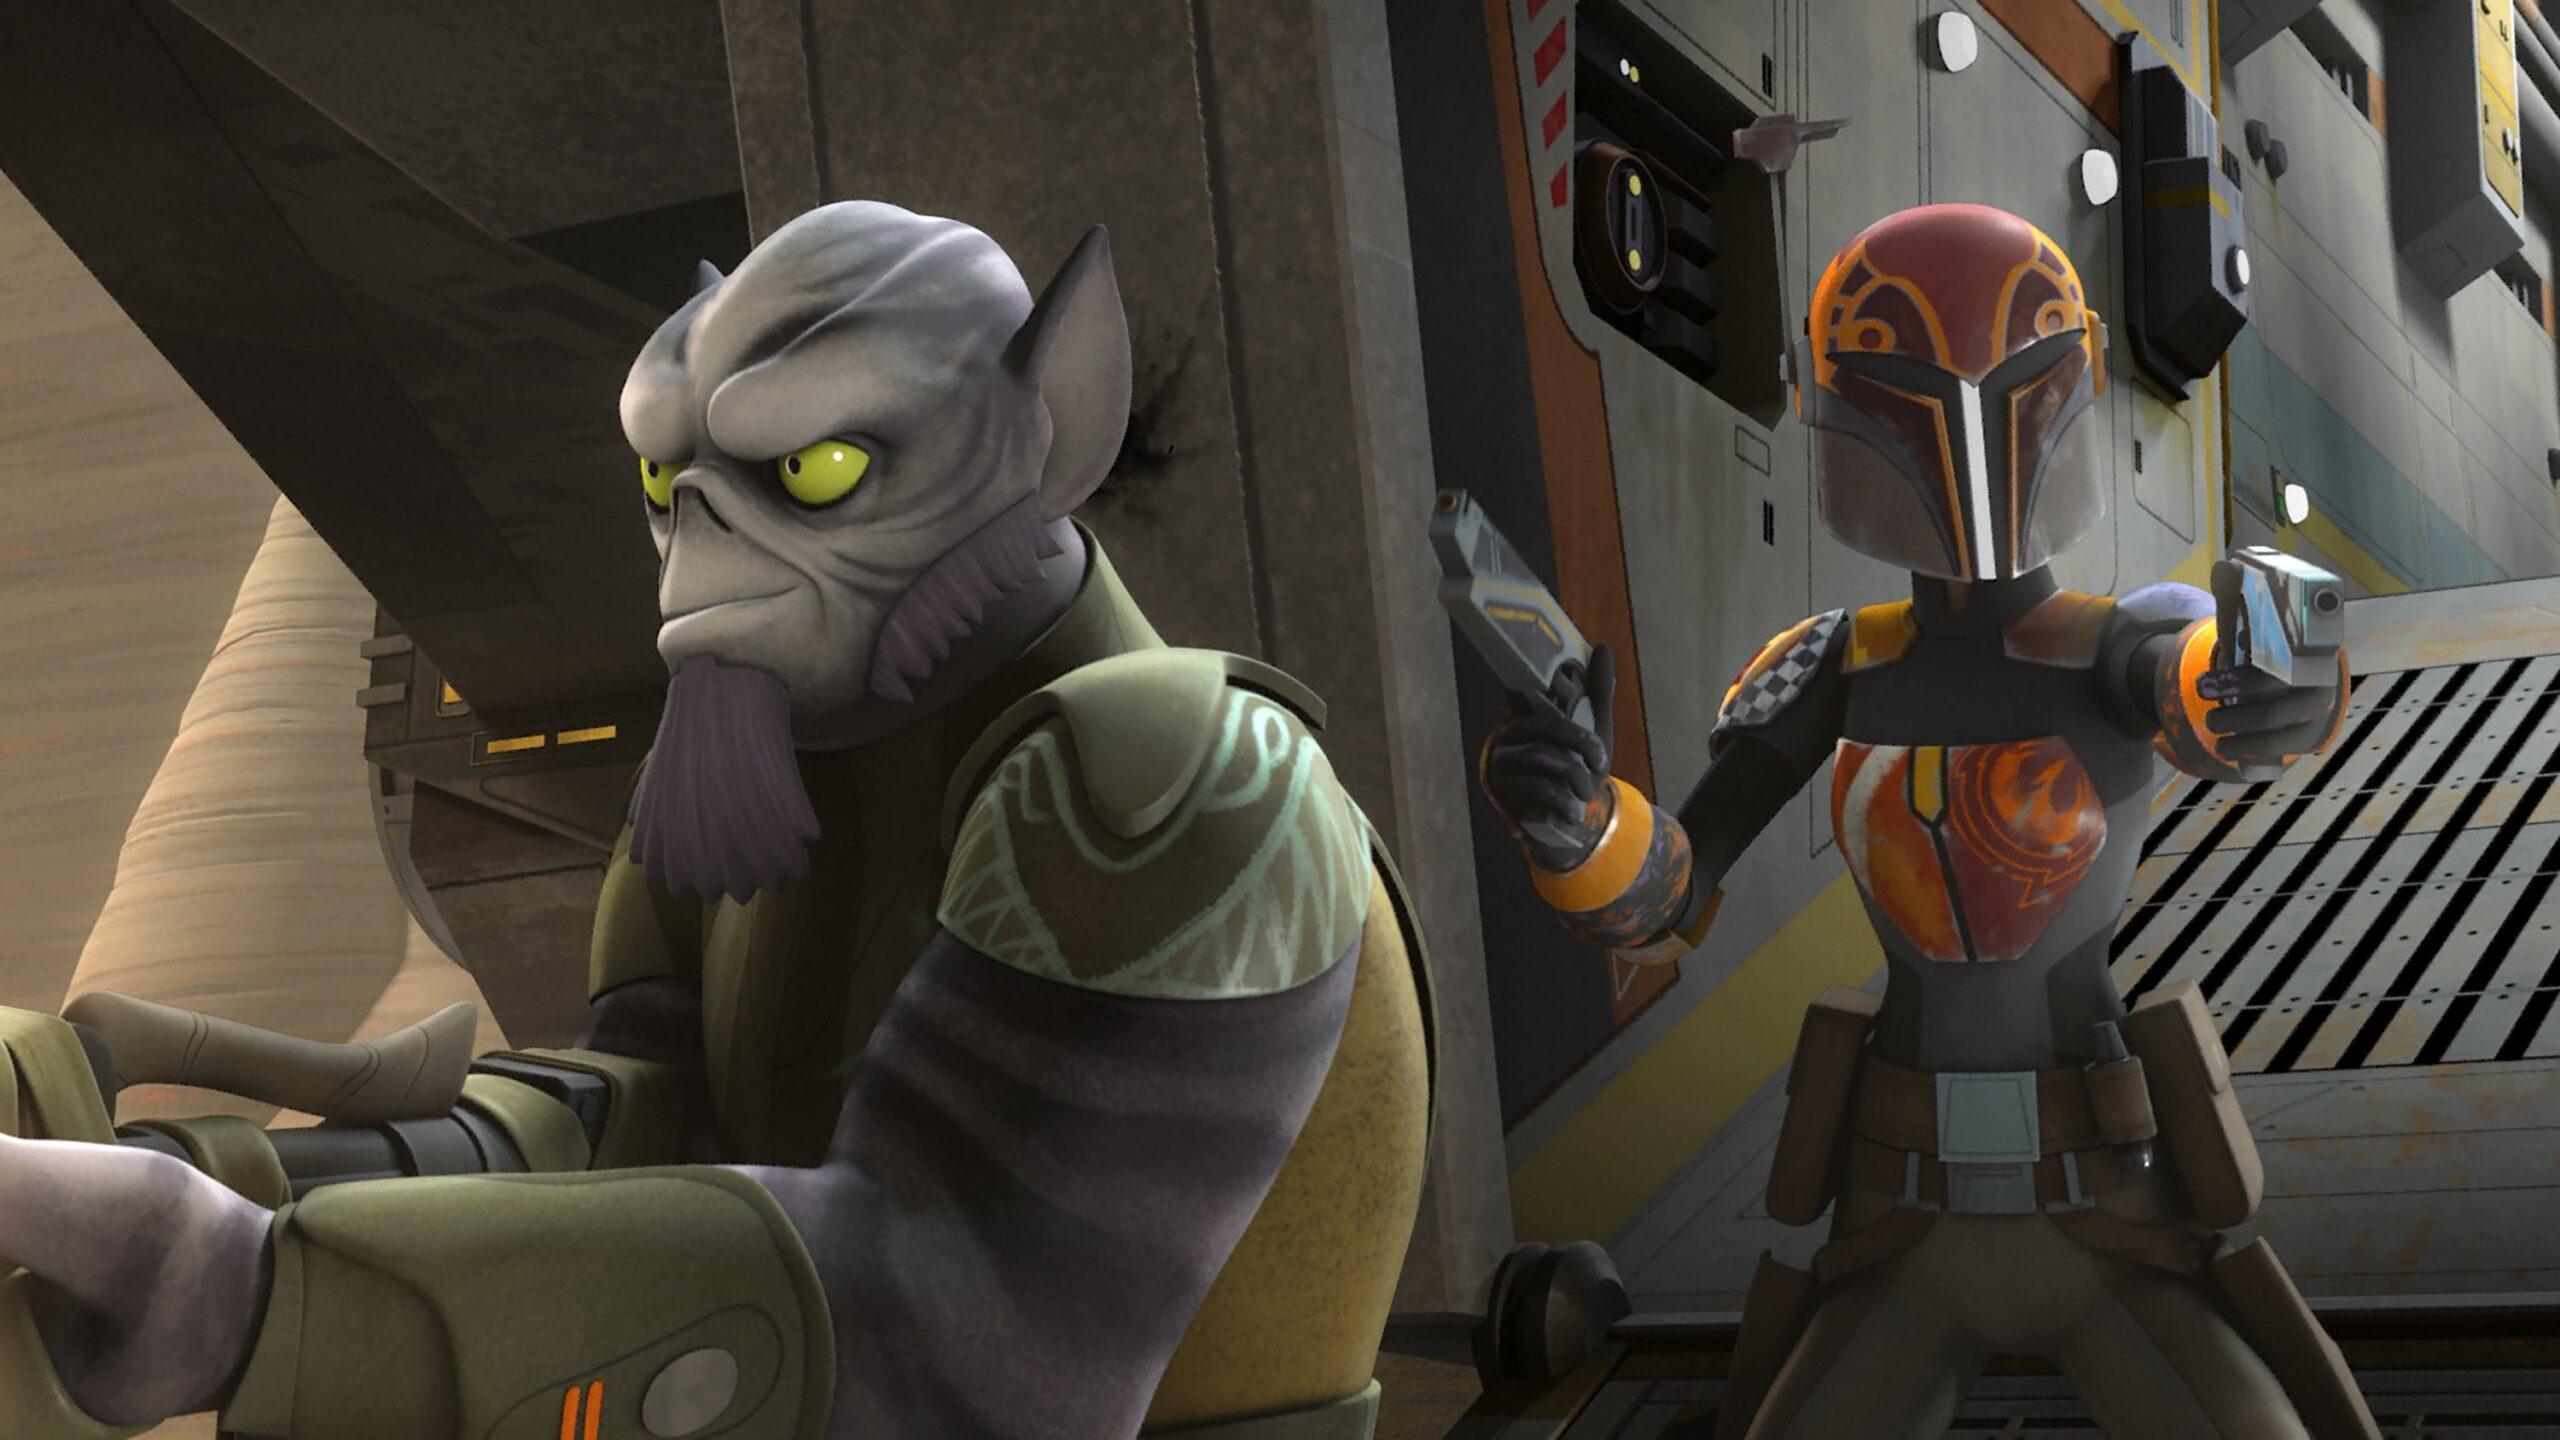 Star Wars: Rebelii Sezonul 2 Episodul 11 Dublat în Română